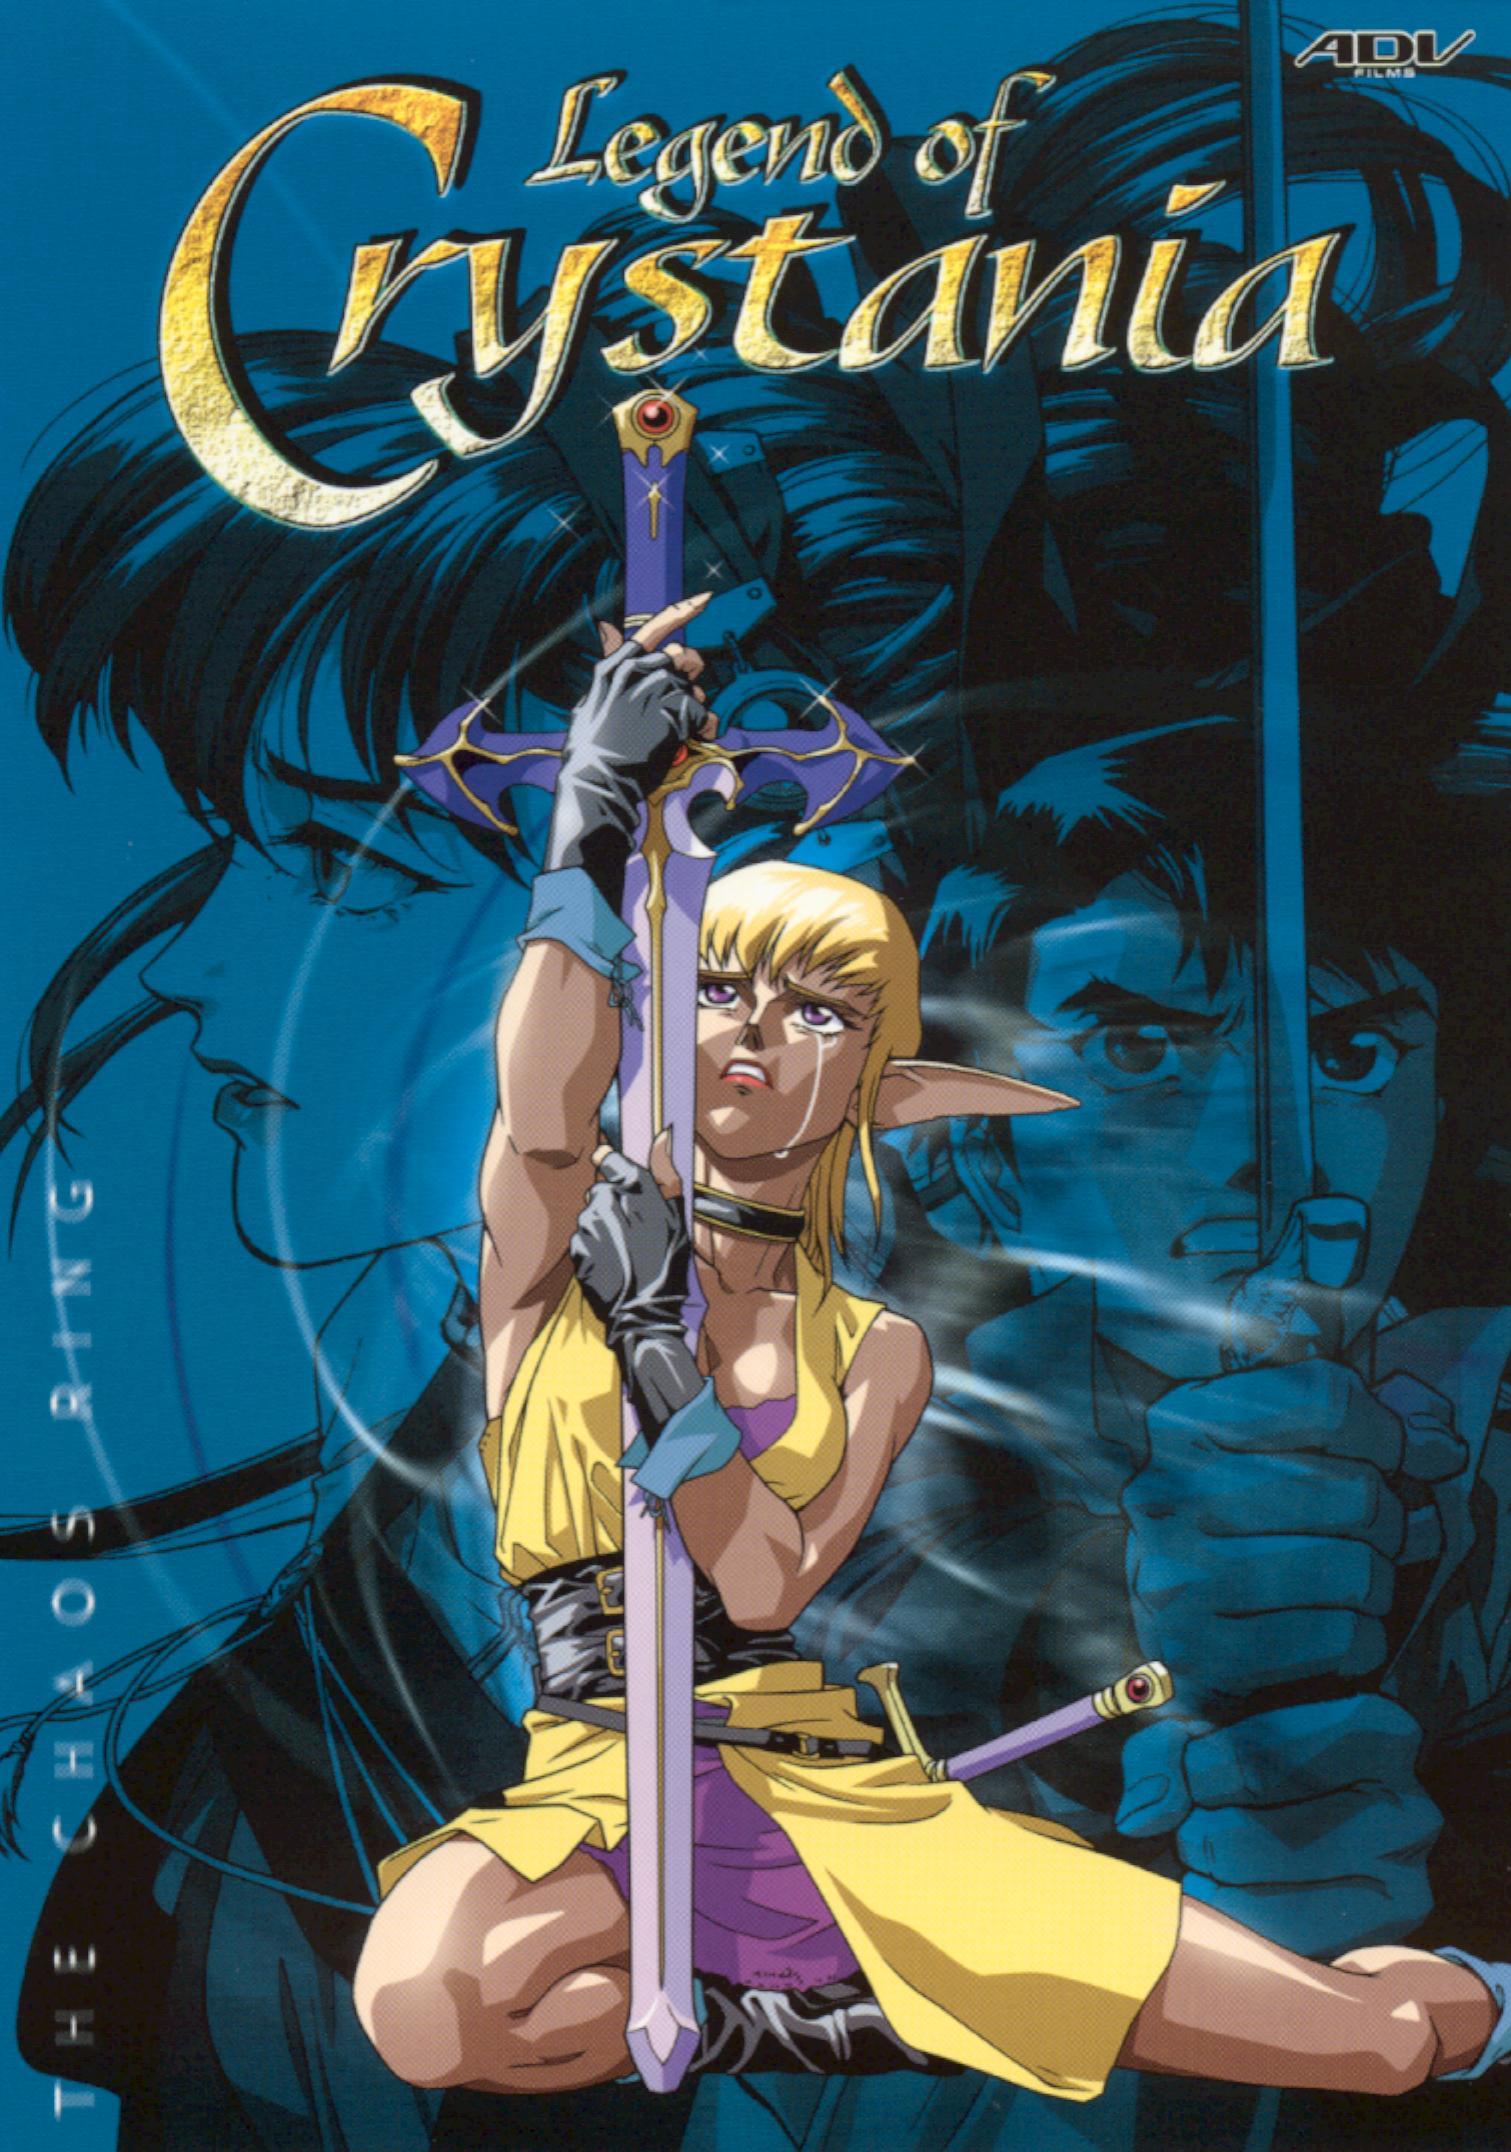 Legend of Crystania [Anime OVA Series]